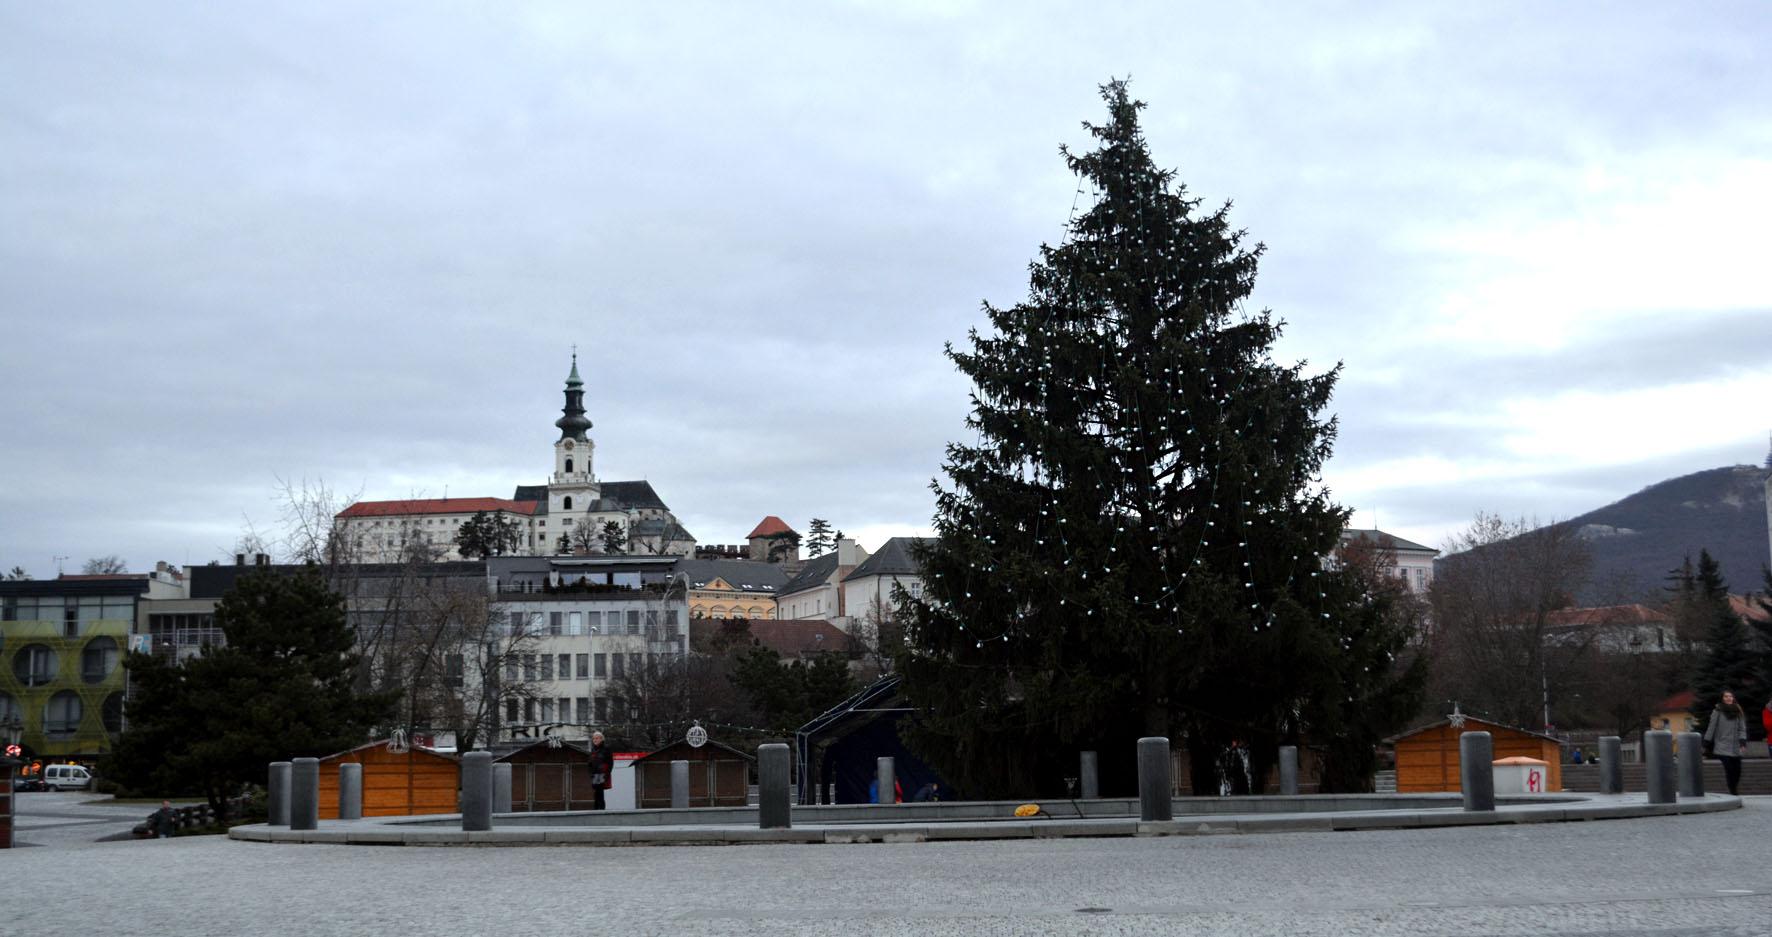 Pohľad na Vianočný strom(ček). Zdroj: Jana Paveleková